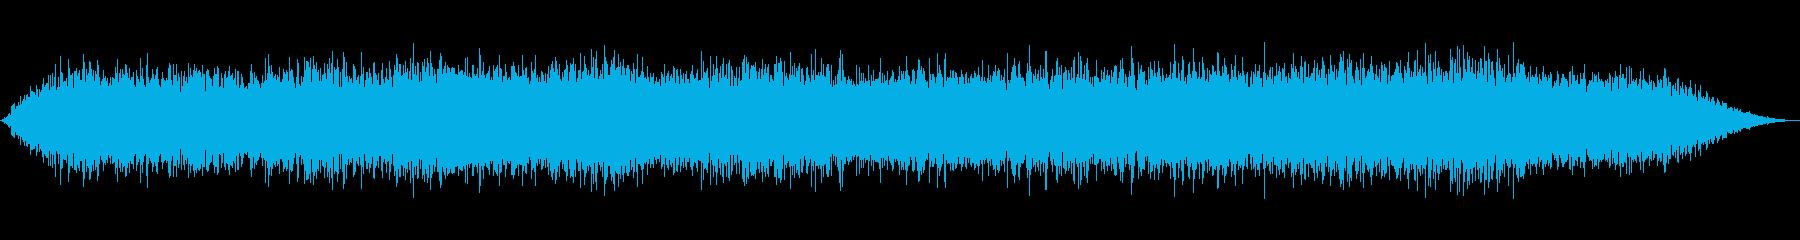 嵐-風と雨の再生済みの波形